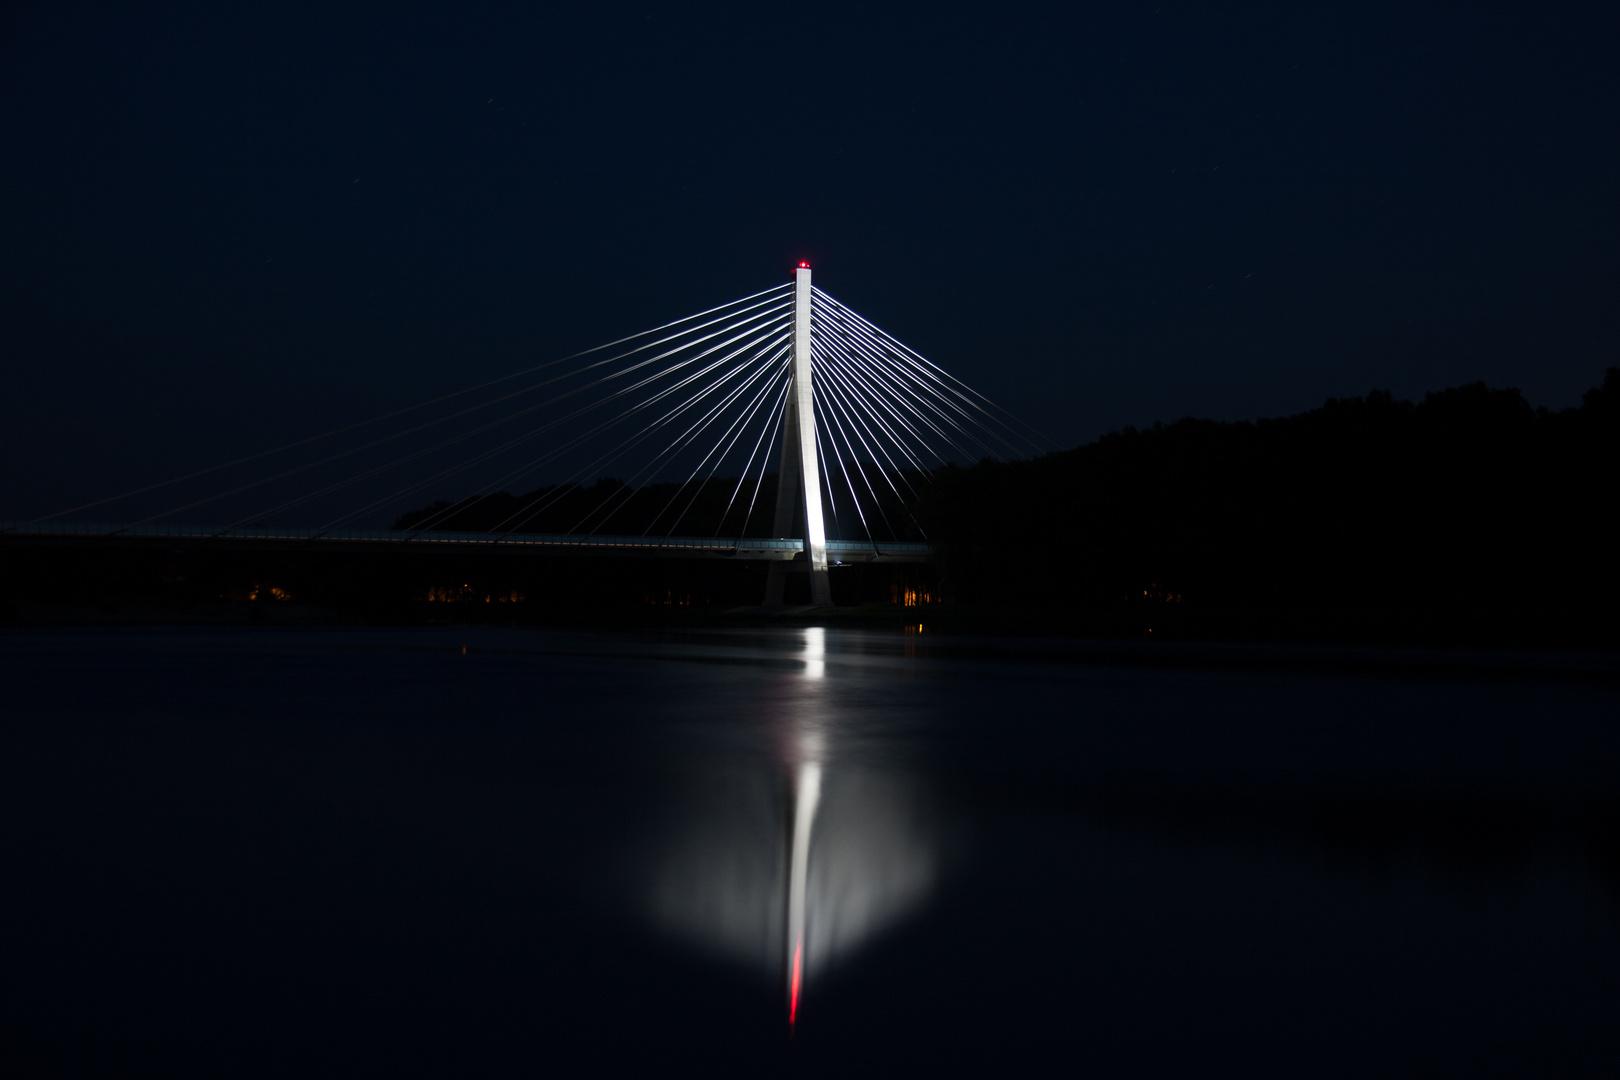 Elbauenbrücke in Schönebeck